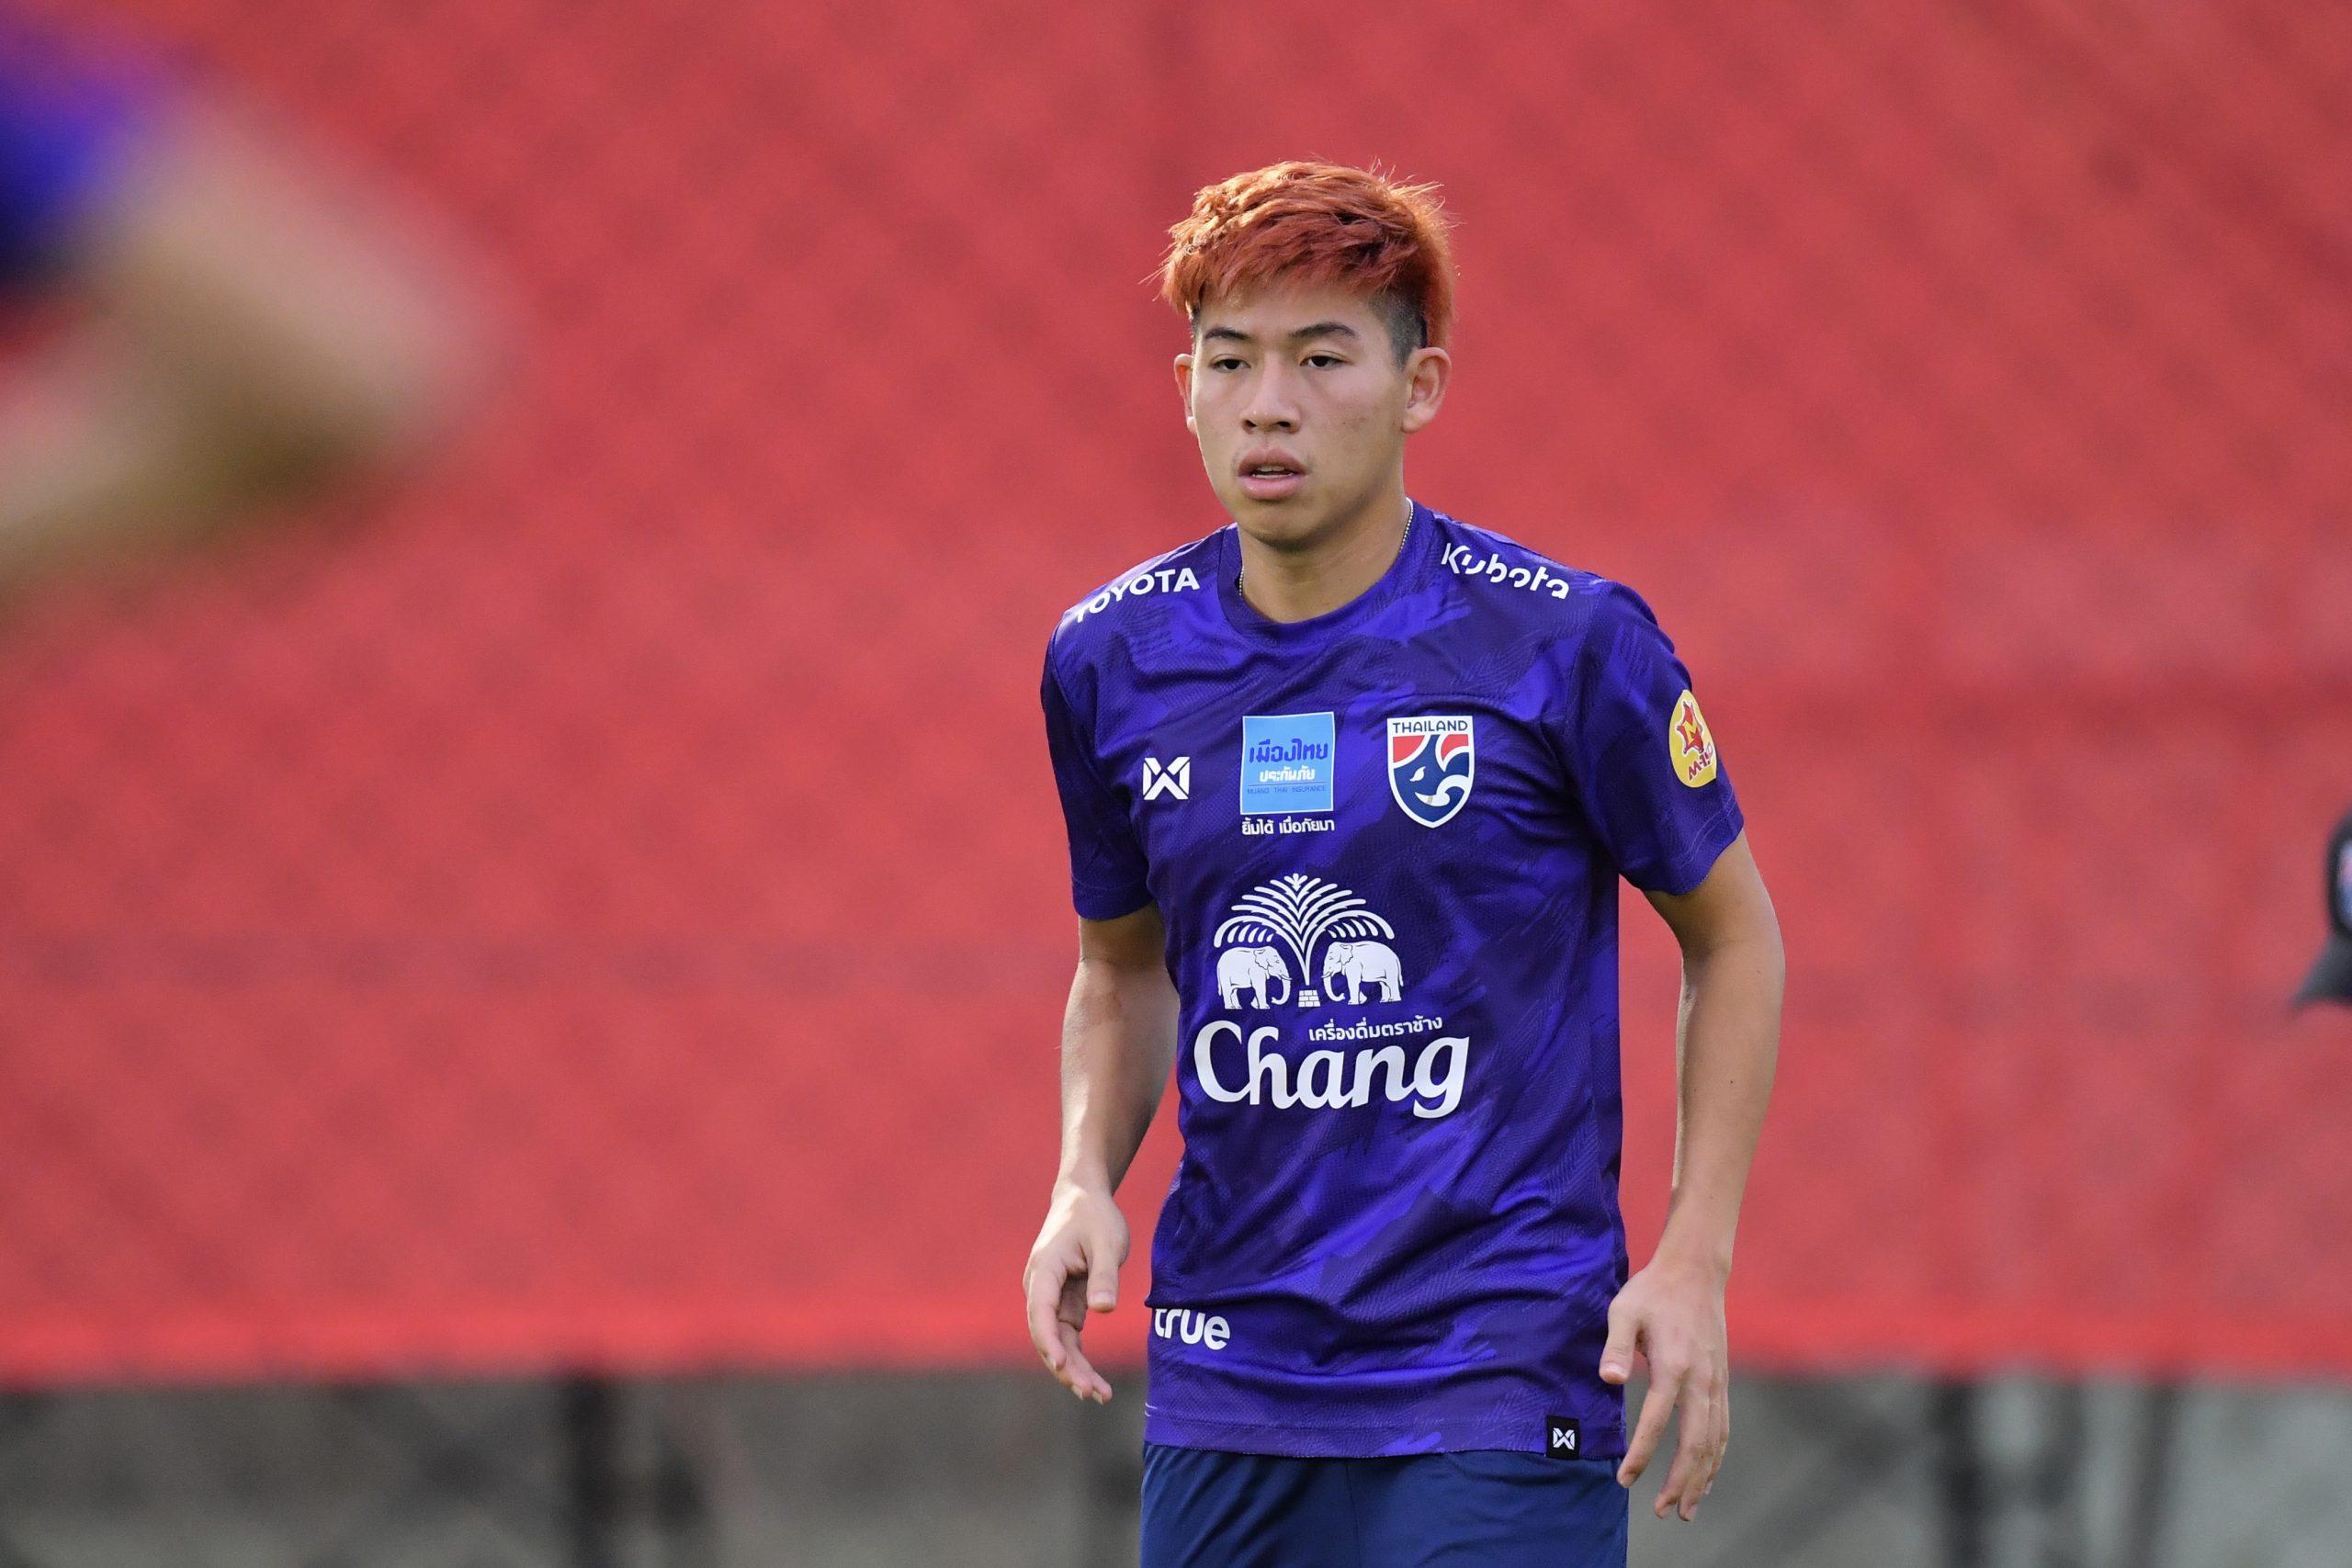 ทีมชาติเวียดนาม ทีมชาติไทย ศิวกรณ์ เตียตระกูล อากิระ นิชิโนะ